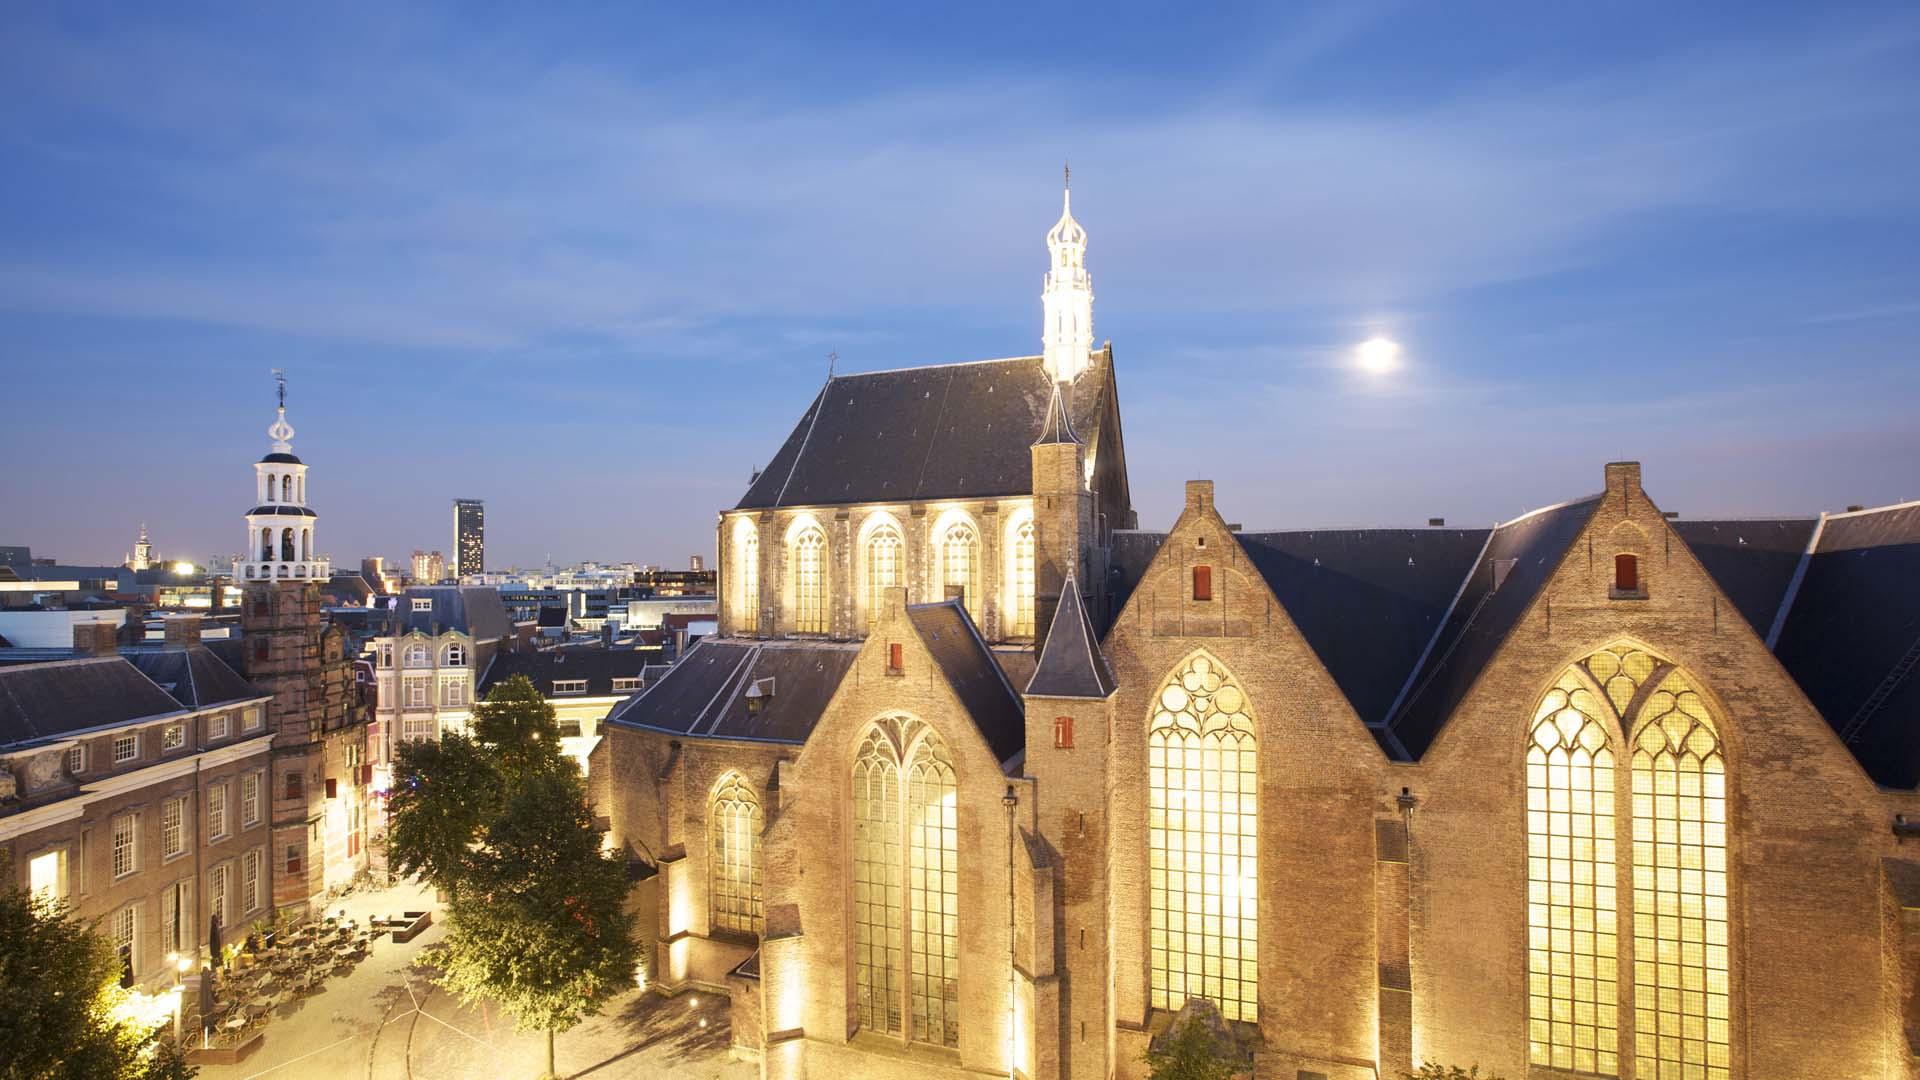 aanlichting Grote Kerk Den Haag - ipv Delft creatieve ingenieurs